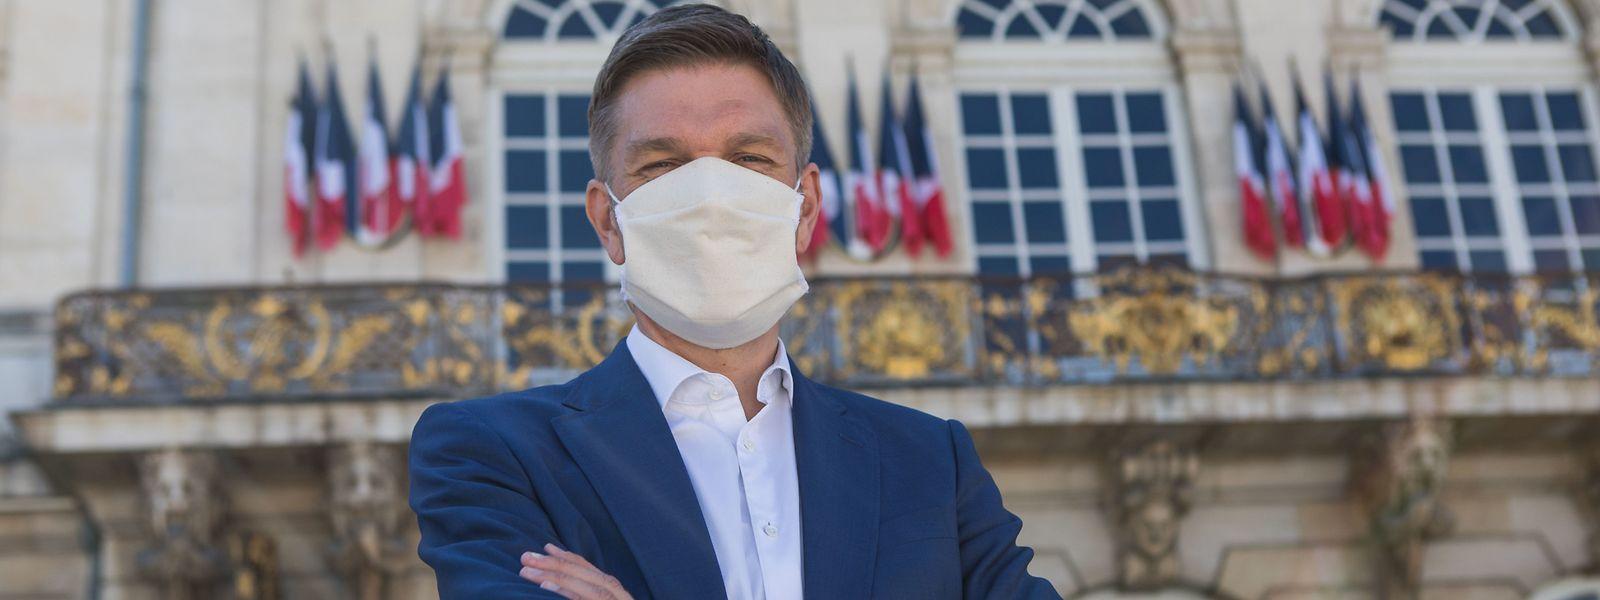 Le nouveau maire de Nancy, Mathieu Klein, a déjà adopté le geste qu'il va imposer à toute la ville à compter de samedi.